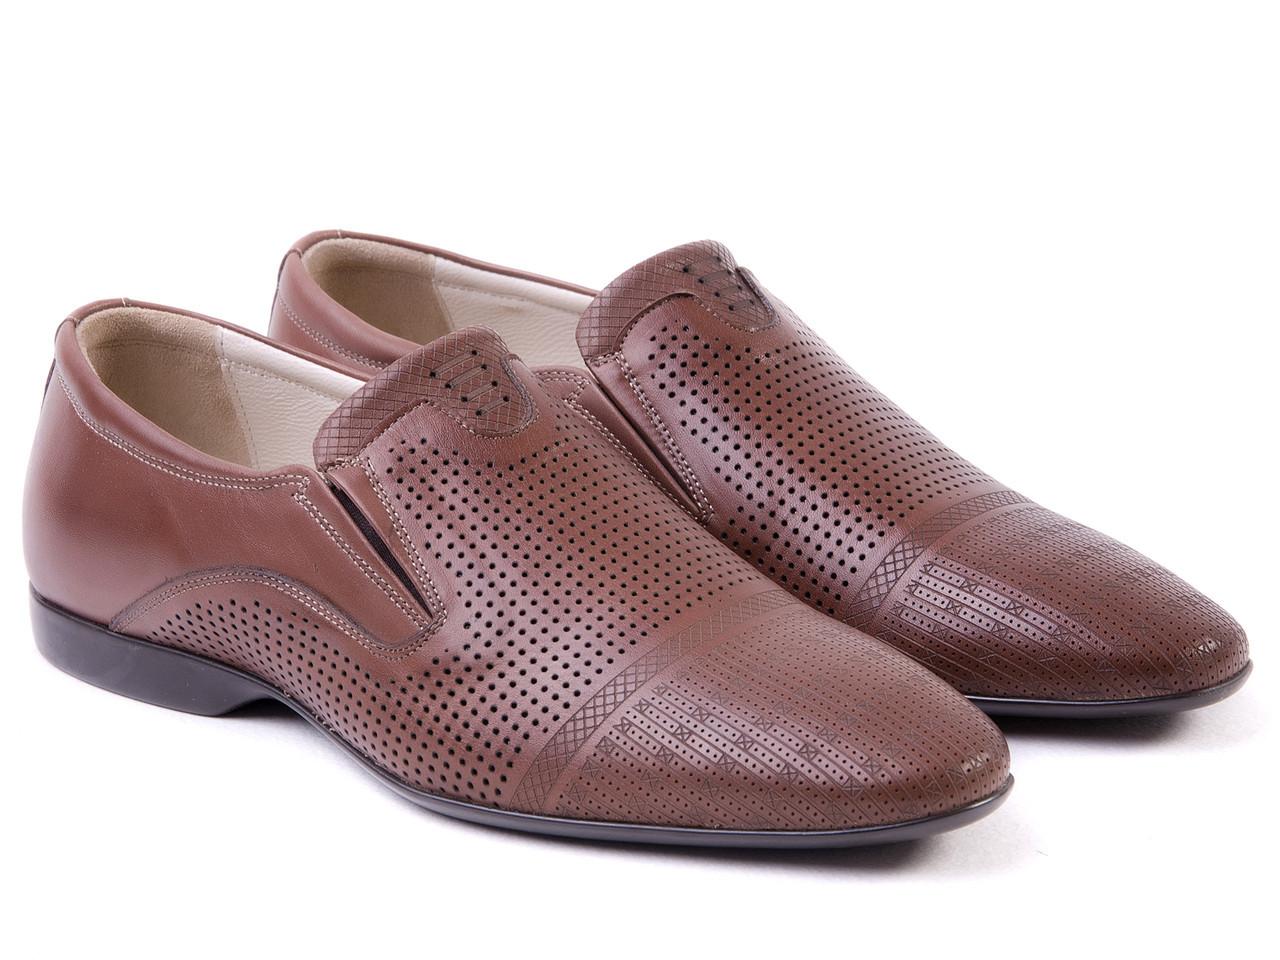 Туфли Etor 11738-7115-325 39 коричневые